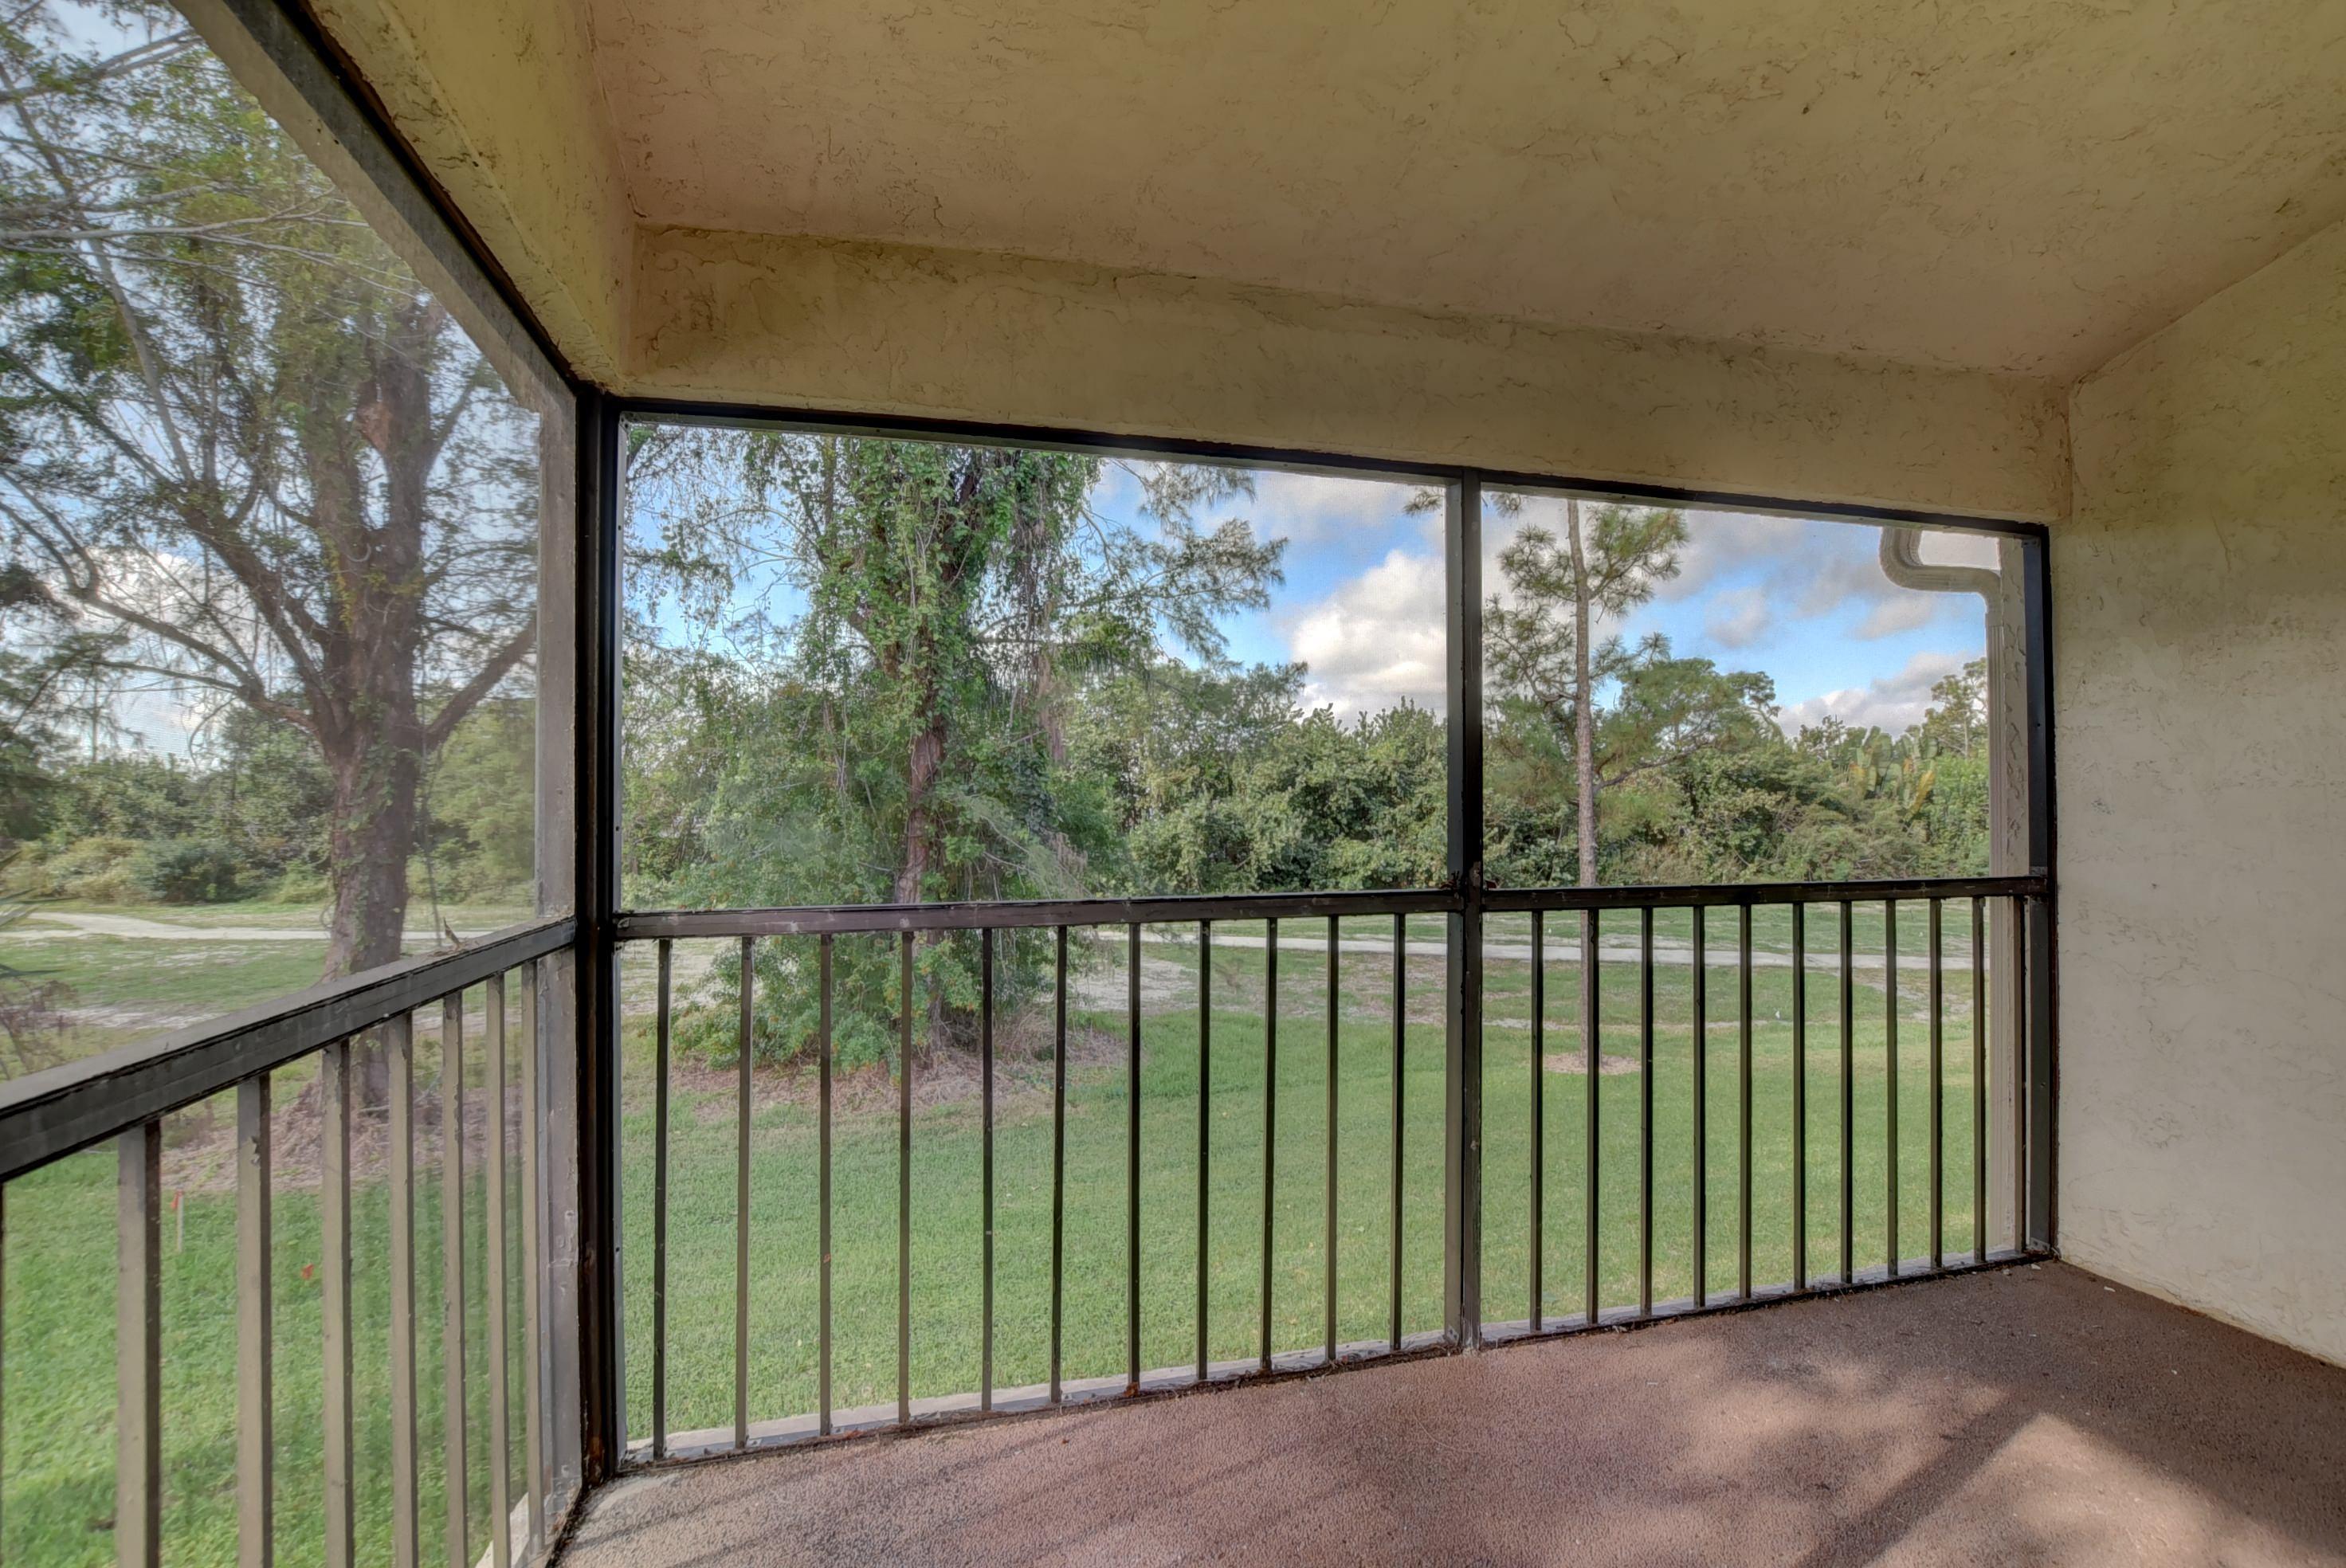 9284 Vista Del Lago Boca Raton FL 33428 - photo 2